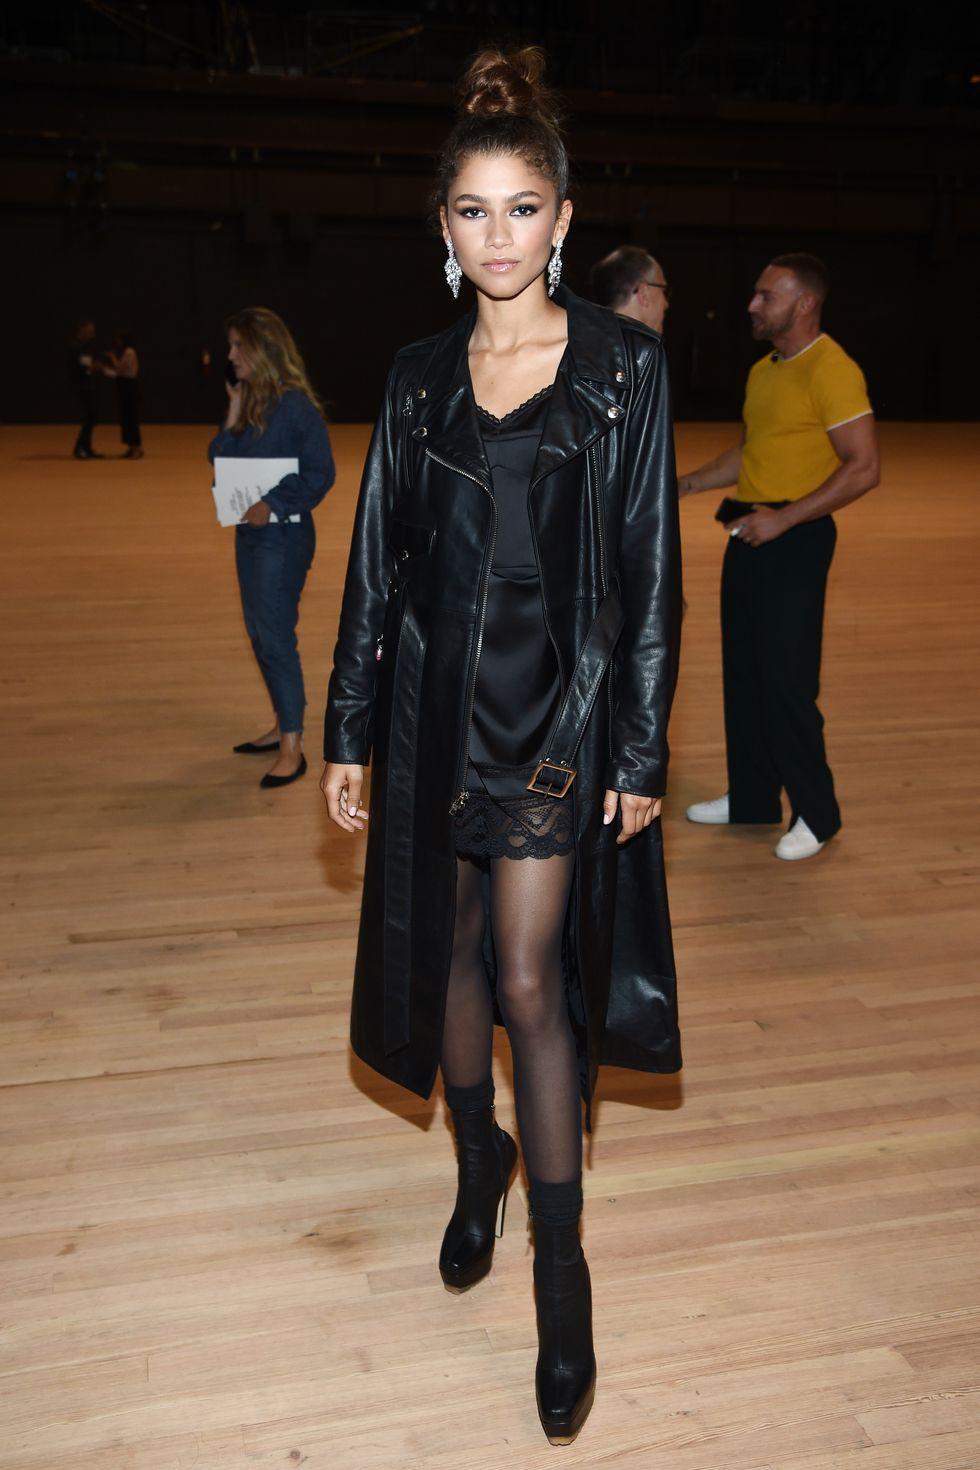 Modelka ubrana w czarna sukienke na pokazie mody